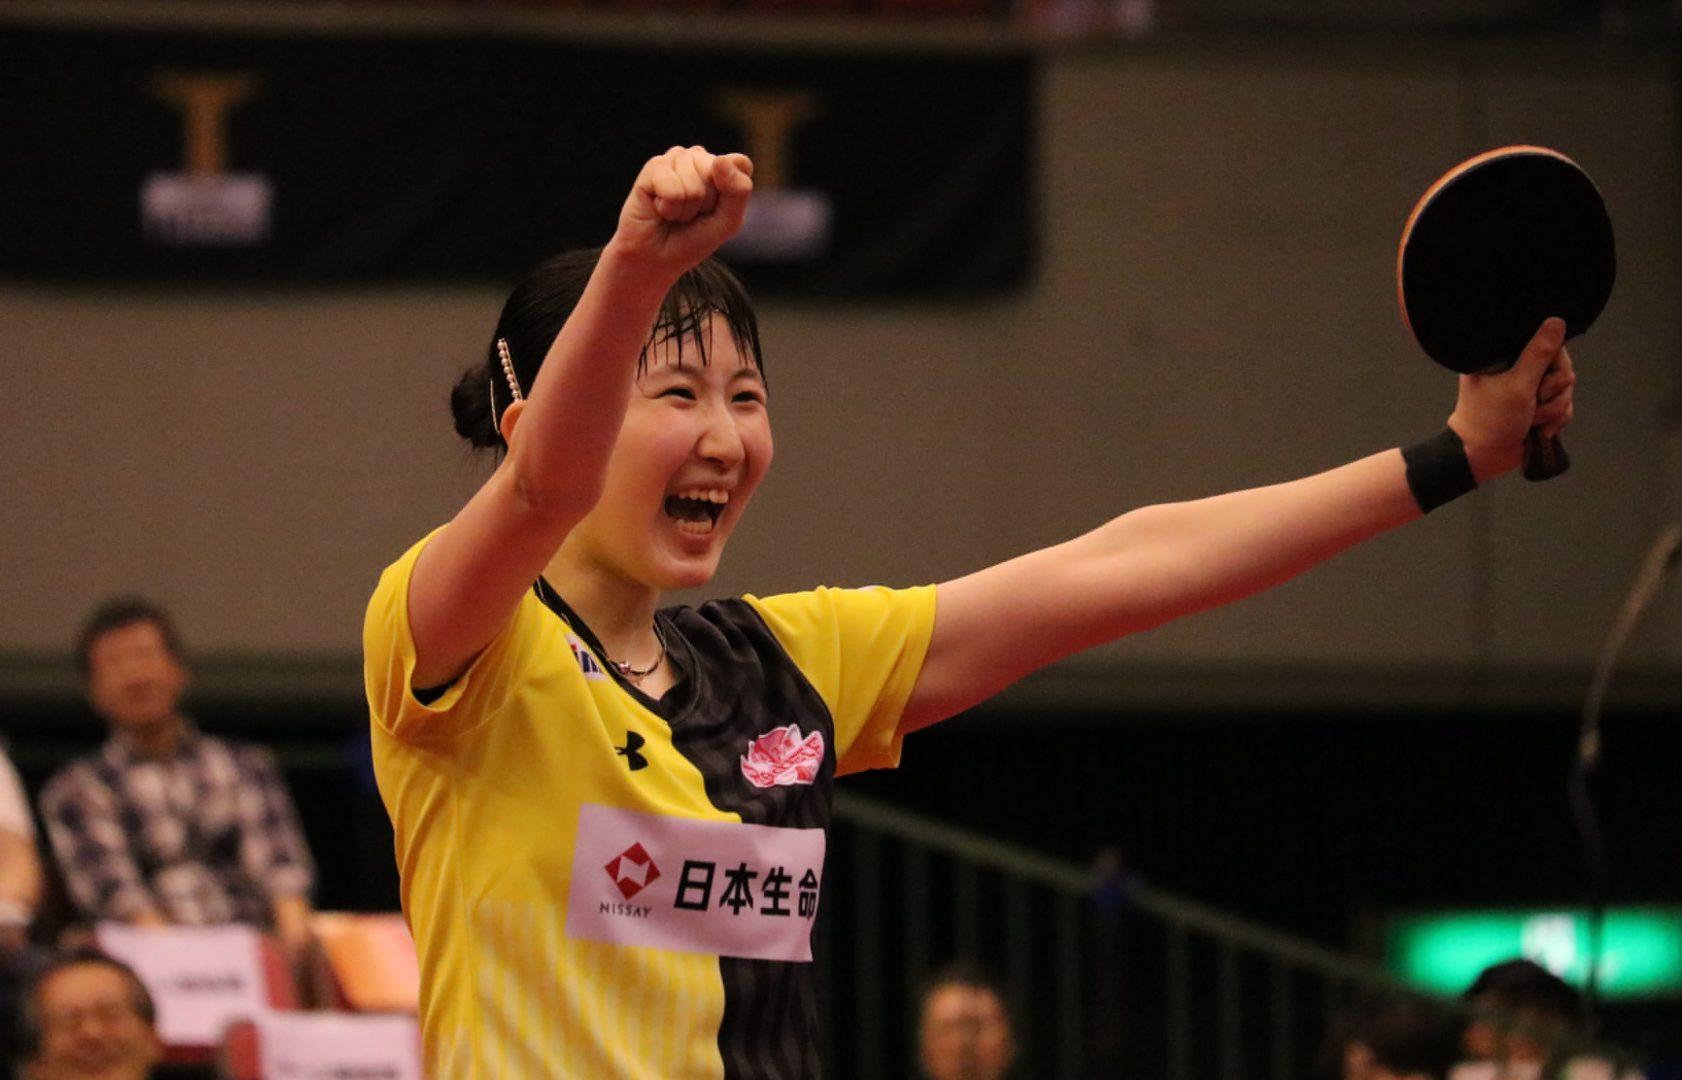 早田らの活躍で日本生命が勝利 シングルス3本で決めた<卓球・Tリーグ結果速報>